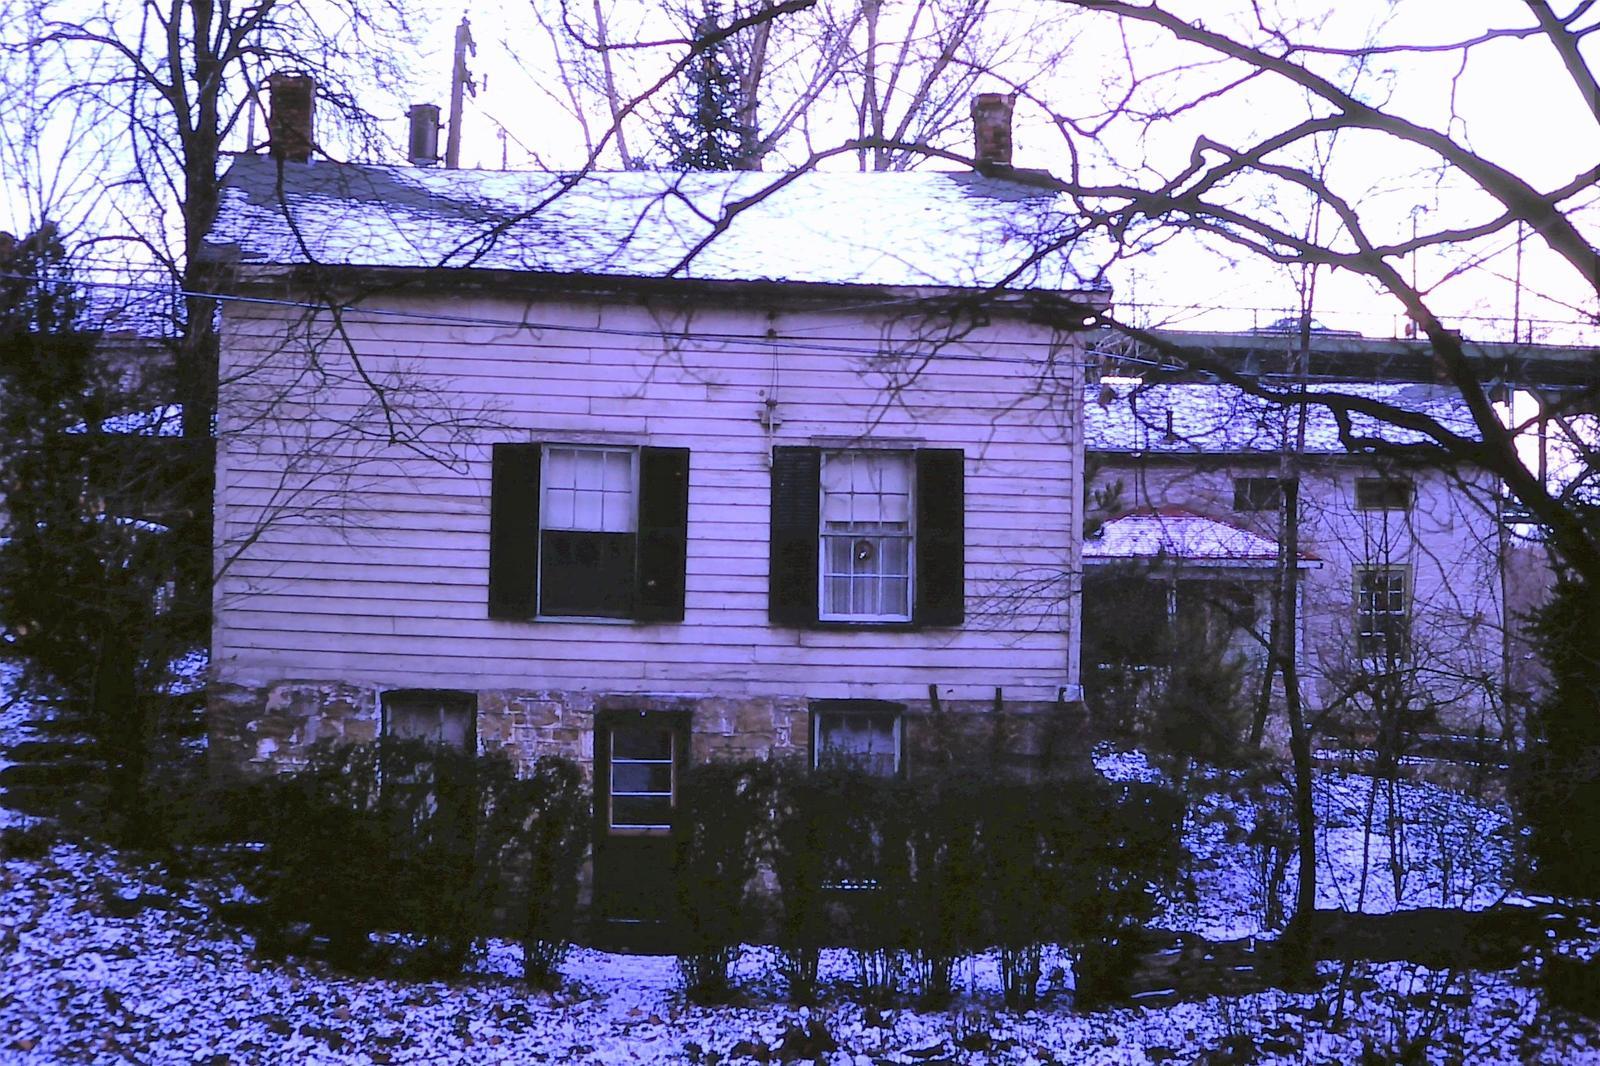 A House Near the Burgoyne Bridge